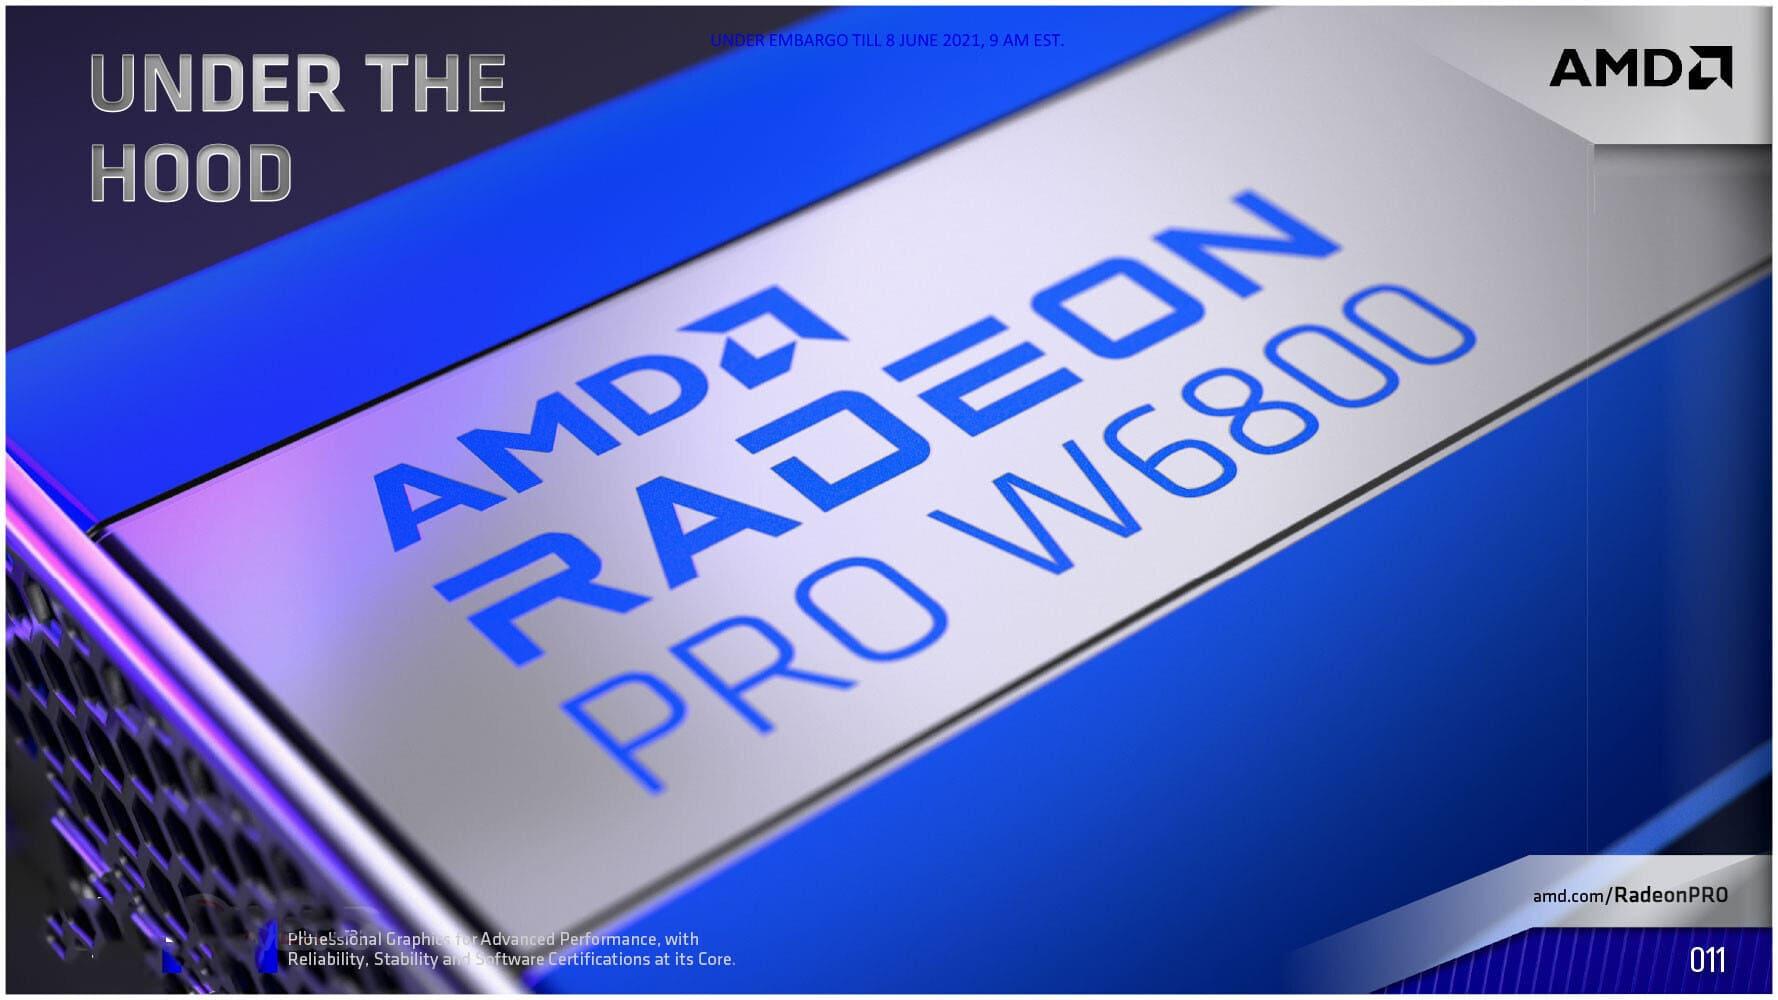 [Tin tức] AMD giới thiệu dòng AMD Radeon PRO W6000 Series mang kiến trúc RDNA2 tới cho cấu hình máy trạm worksations chuyên nghiệp